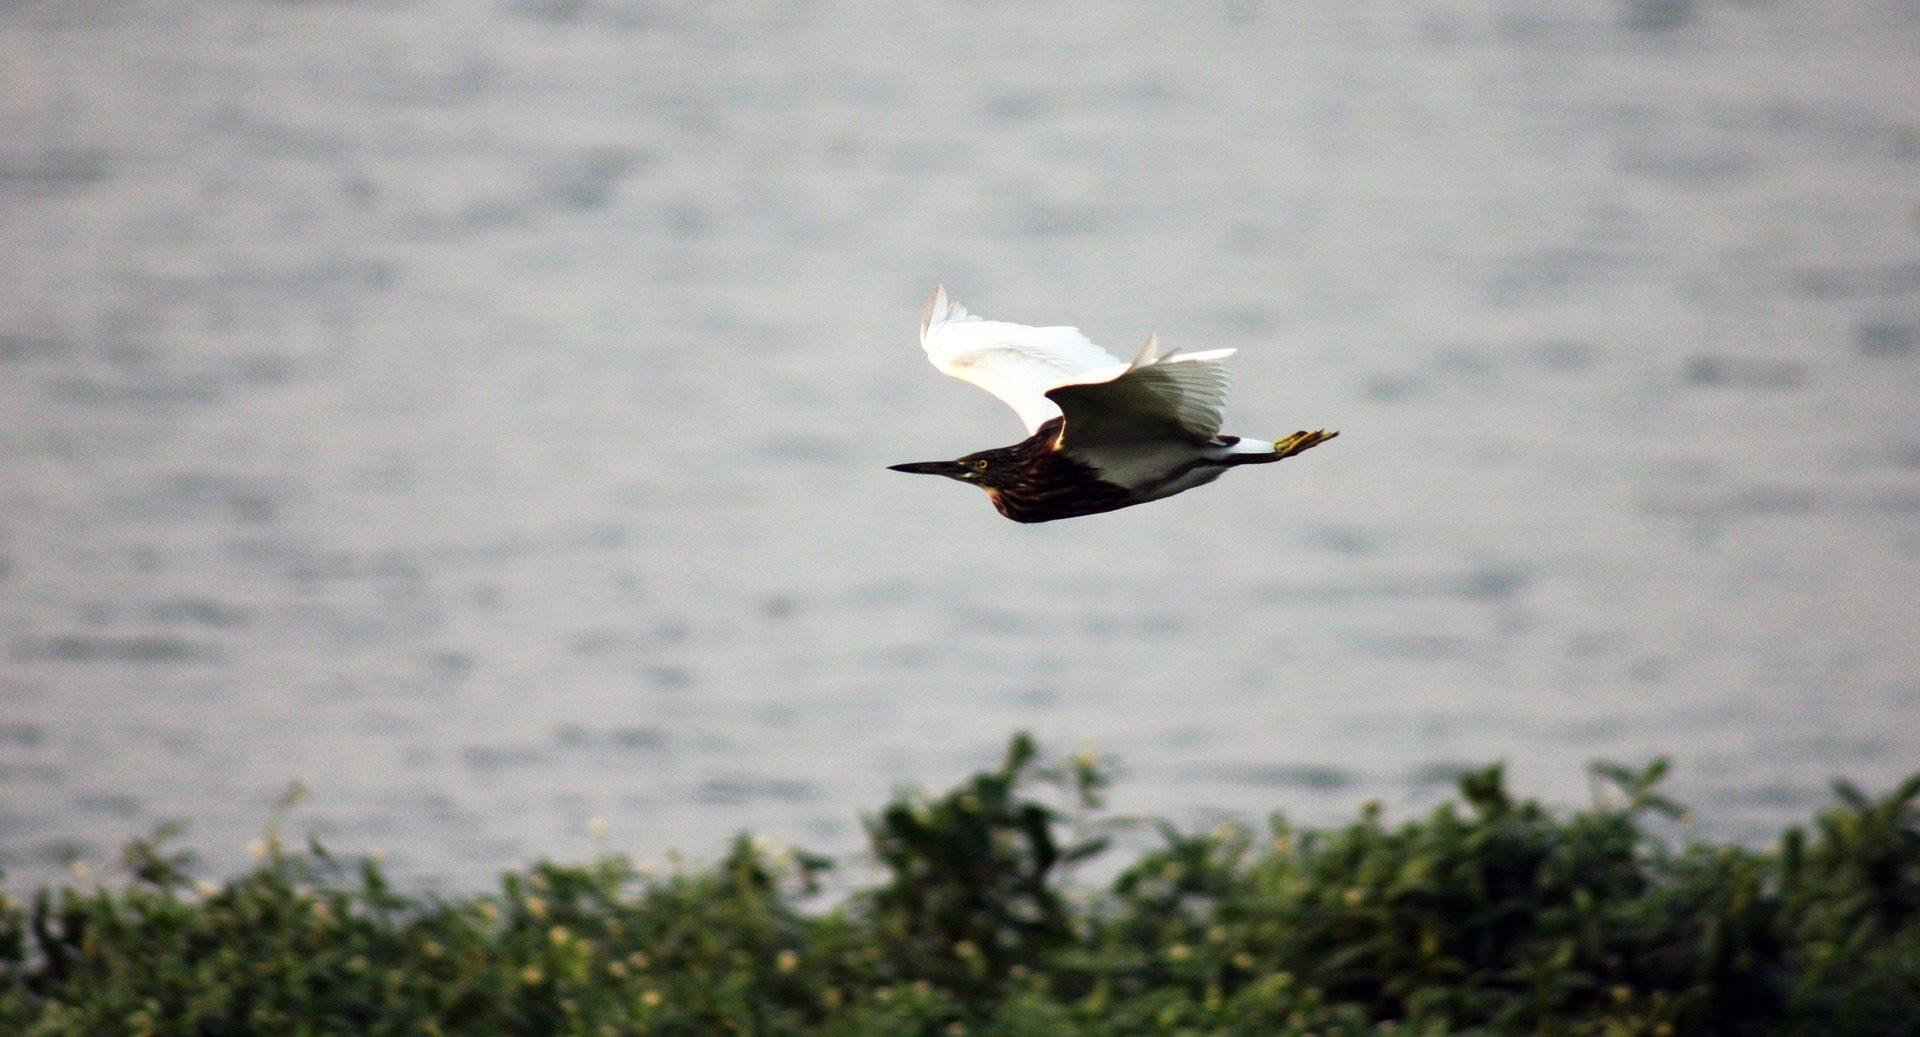 Πουλί, Λ., πτήση, ταχύτητα, ελευθερία - Wallpapers HD - Professor-falken.com